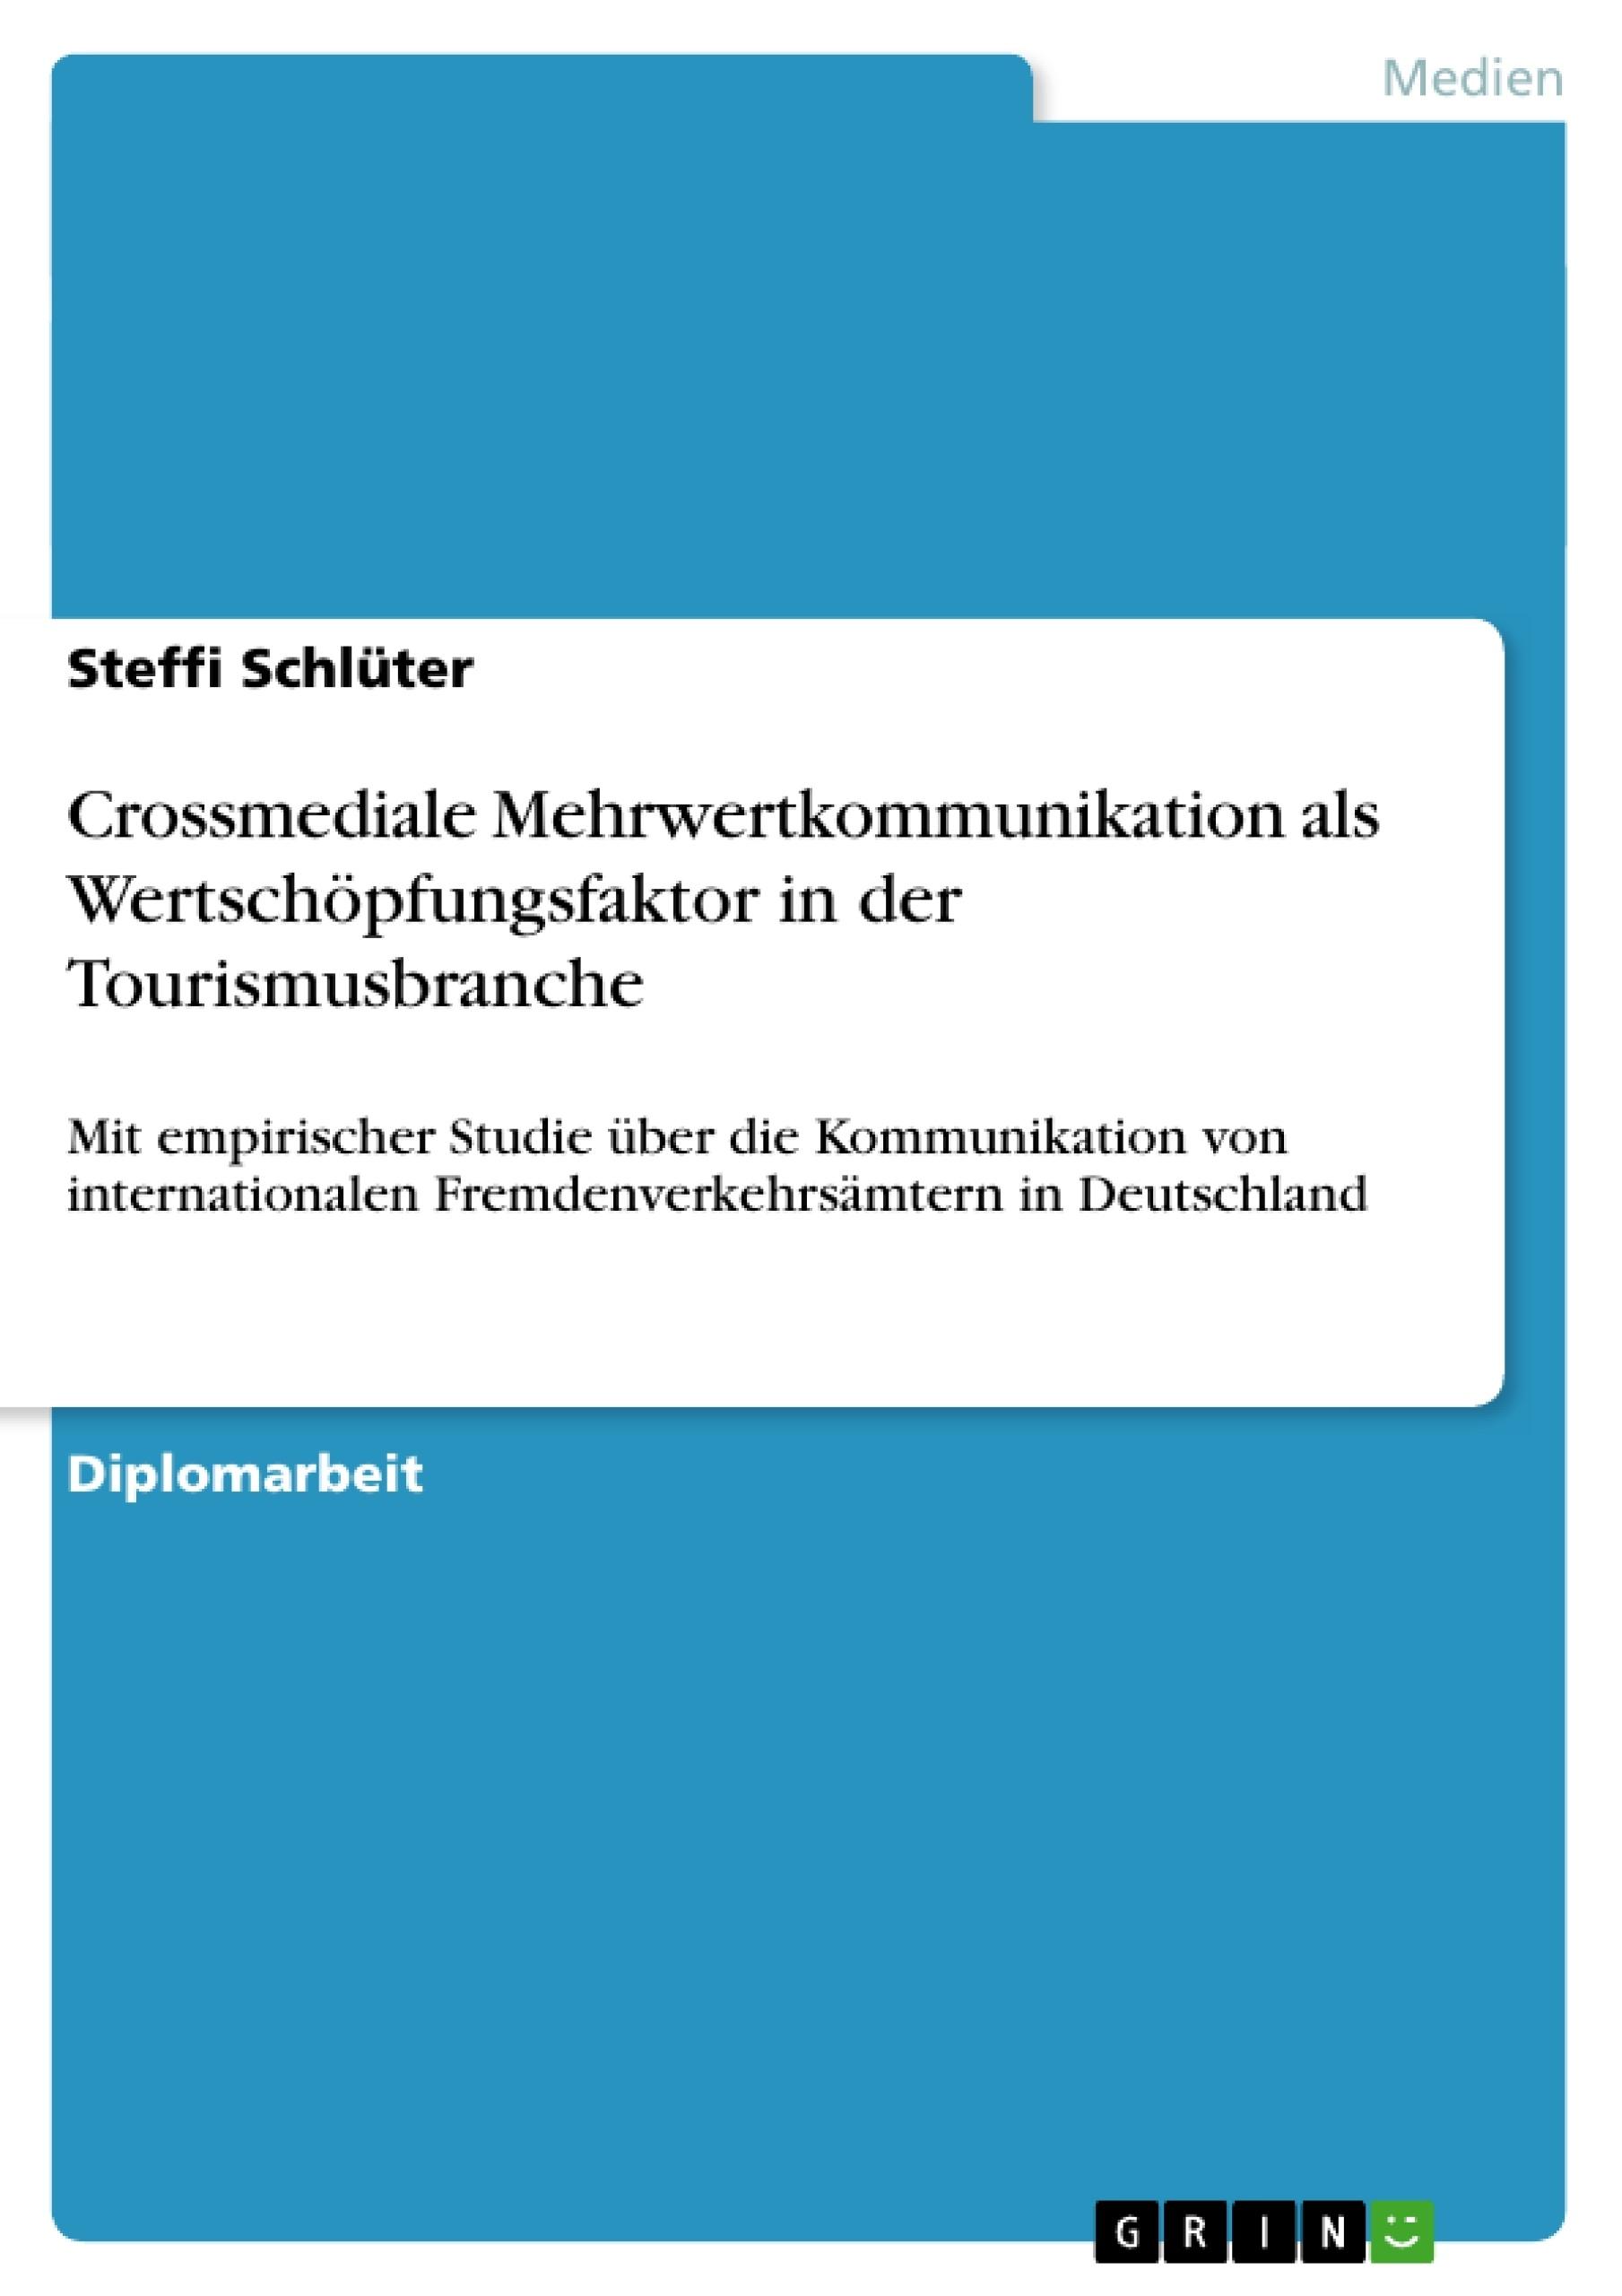 Titel: Crossmediale Mehrwertkommunikation als Wertschöpfungsfaktor in der Tourismusbranche